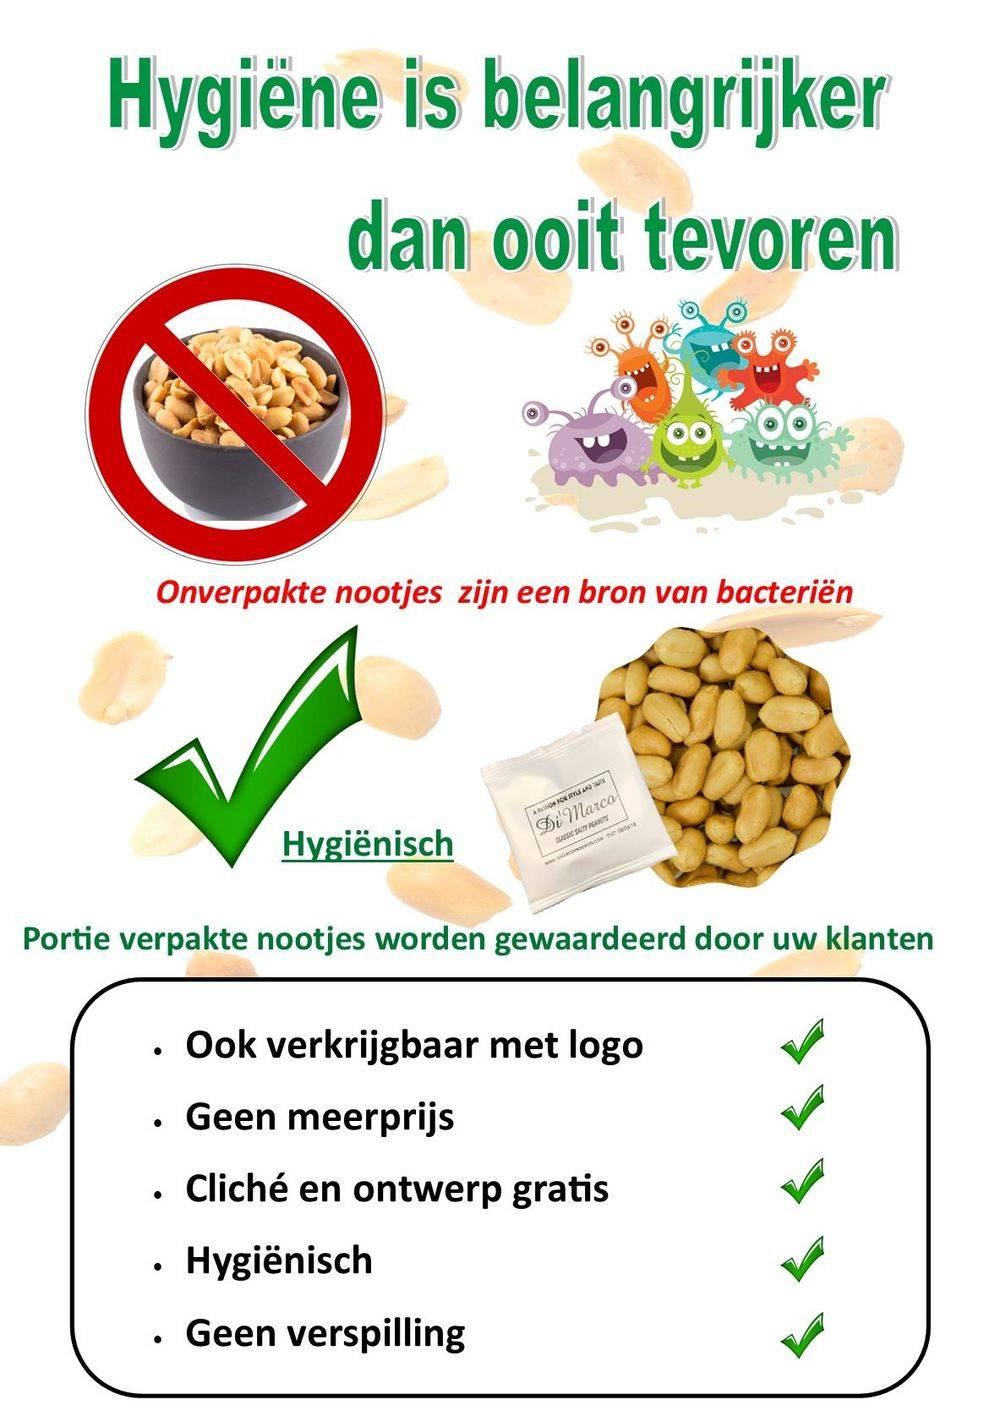 horeca porte noten voor de hygiene Ook verkrijgbaar met logo          Hygiënisch Cliché en ontwerp gratis Ideale reclamedrager Geen verspilling